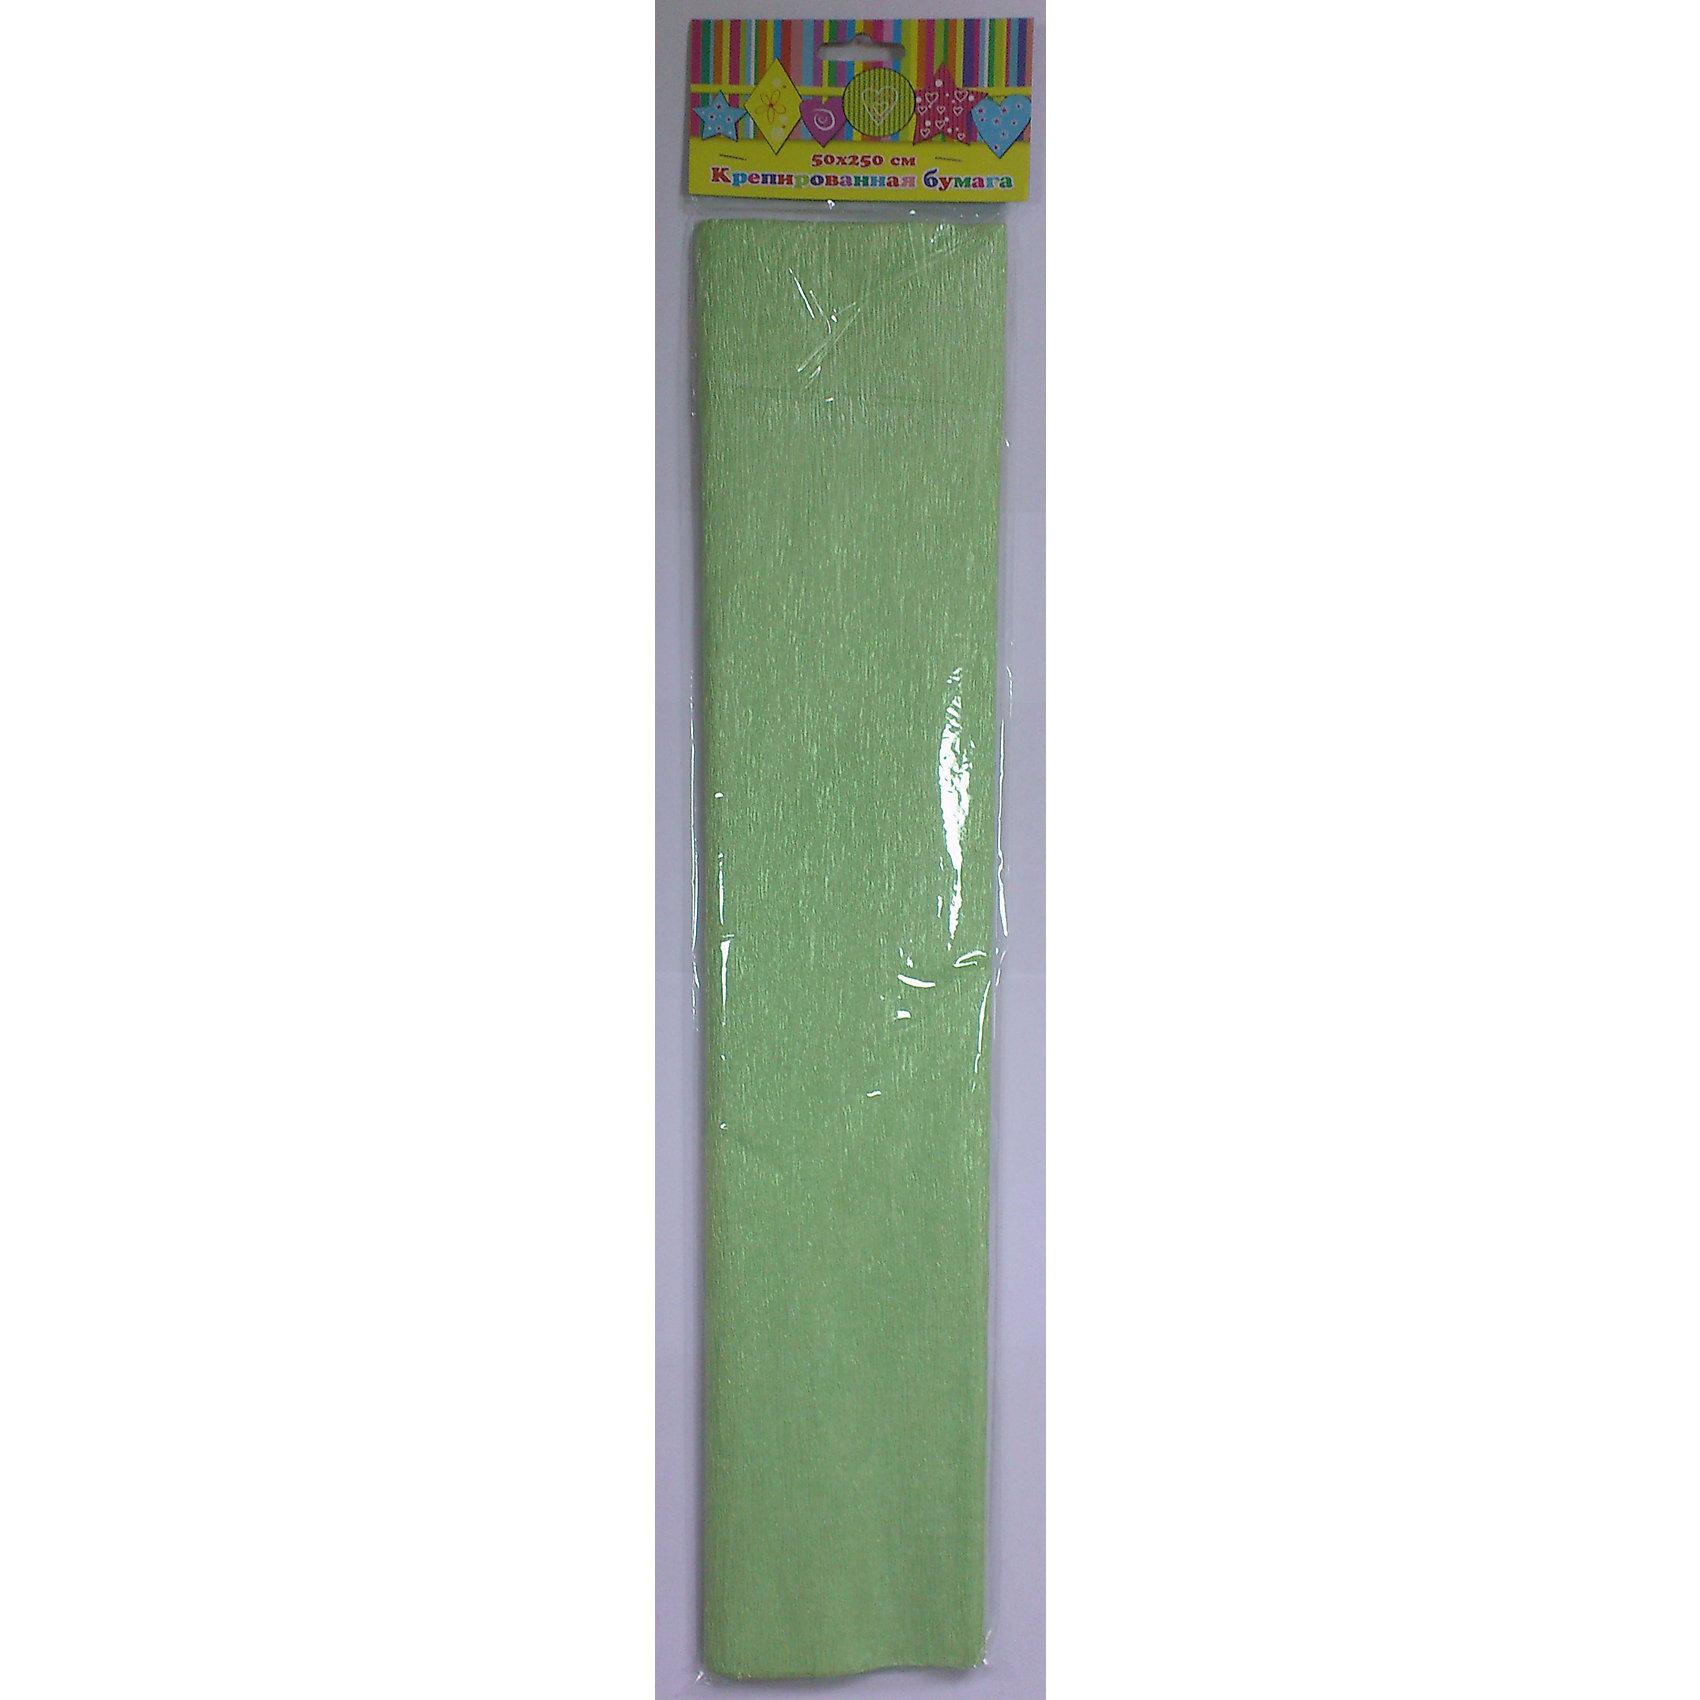 Бумага зеленая перламутровая крепированнаяРукоделие<br>Изумительная крепированная бумага зеленого с перламутровым цвета, из нее Ваш малыш сможет сделать множество ярких цветов или другие поделки.<br><br>Дополнительная информация:<br><br>- Возраст: от 3 лет.<br>- 1 лист.<br>- Цвет: зеленый с перламутром.<br>- Материал: бумага.<br>- Размеры: 50х250 см.<br>- Размер упаковки: 51х11х0,2 см.<br>- Вес в упаковке: 35 г. <br><br>Купить крепированную эластичную бумагу в зеленом с перламутровым цвете, можно в нашем магазине.<br><br>Ширина мм: 510<br>Глубина мм: 110<br>Высота мм: 2<br>Вес г: 35<br>Возраст от месяцев: 36<br>Возраст до месяцев: 2147483647<br>Пол: Унисекс<br>Возраст: Детский<br>SKU: 4943501